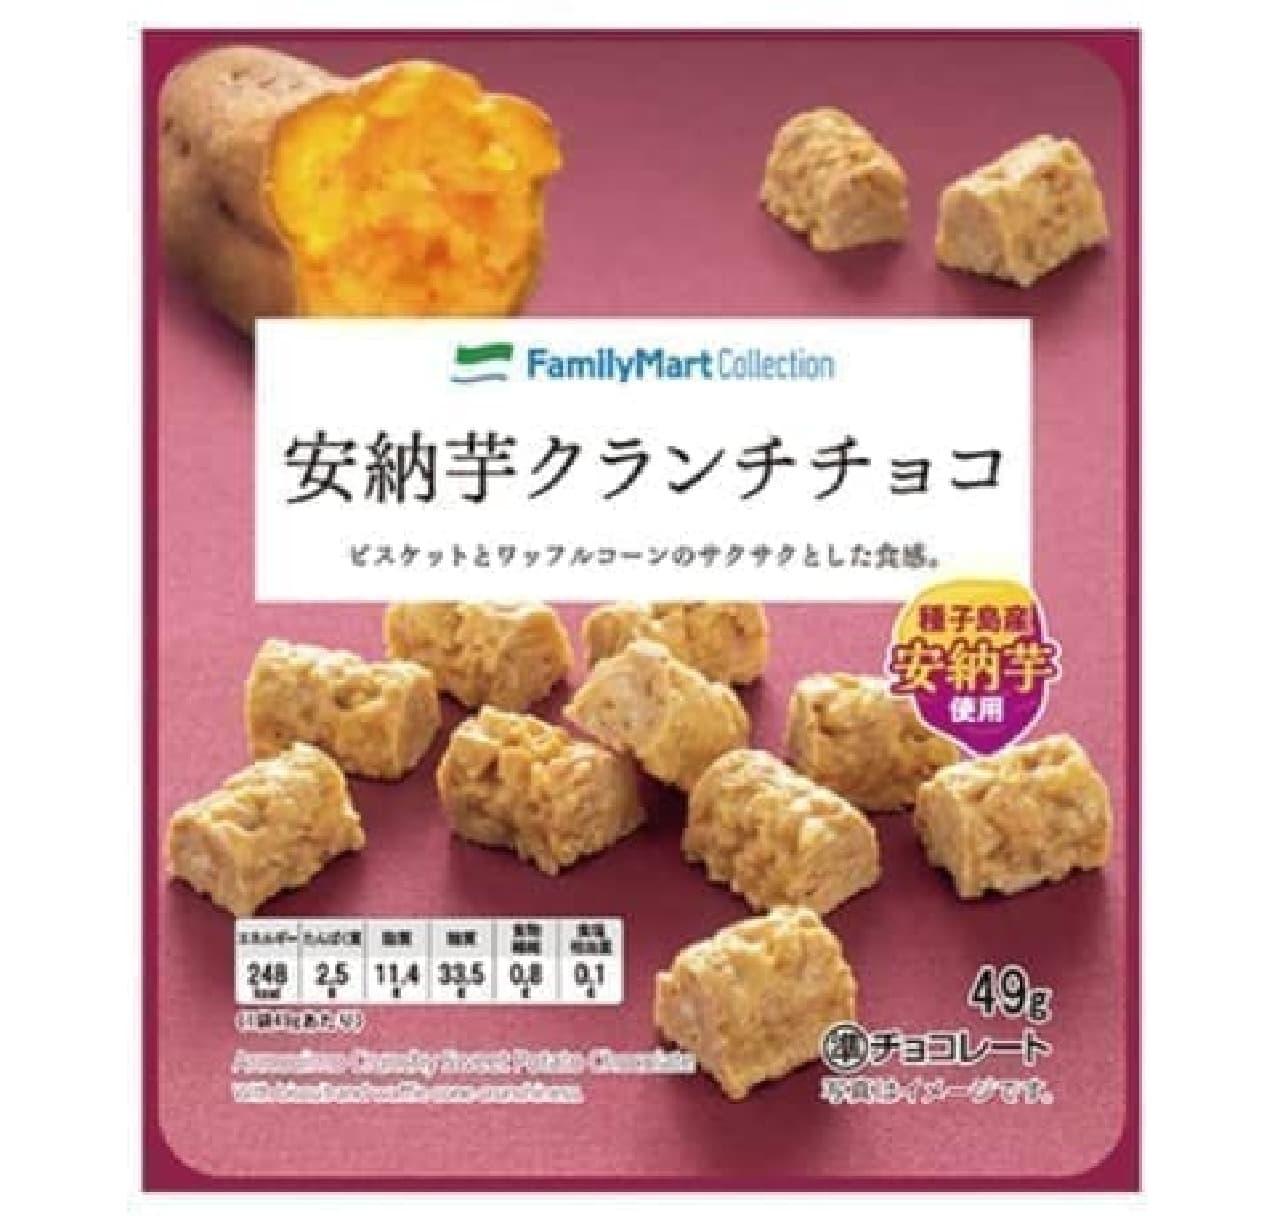 ファミリーマート「安納芋クランチチョコ」